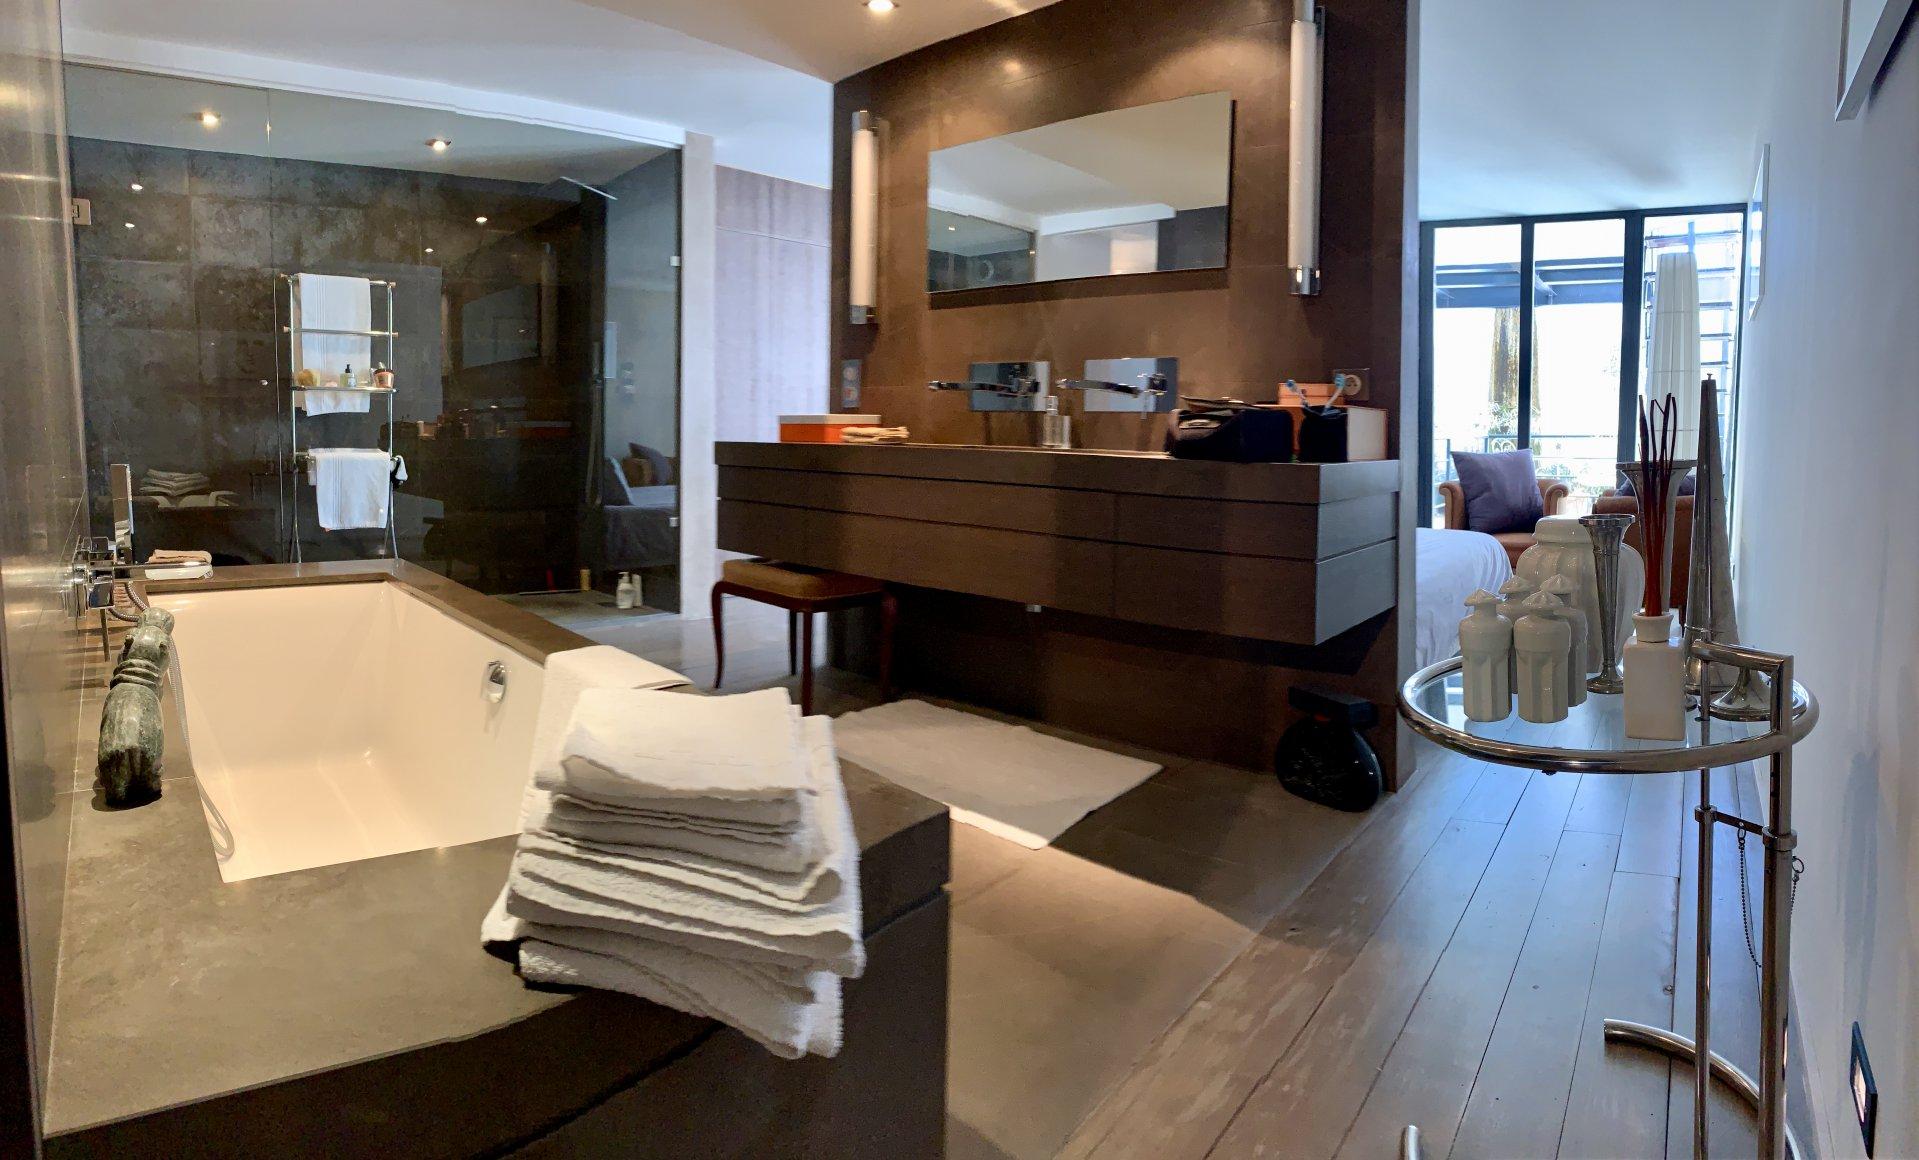 Chambre Ouverte Salle De Bain stanislas: loft 3/4 p design et elegance avec 70m2 de terrasse